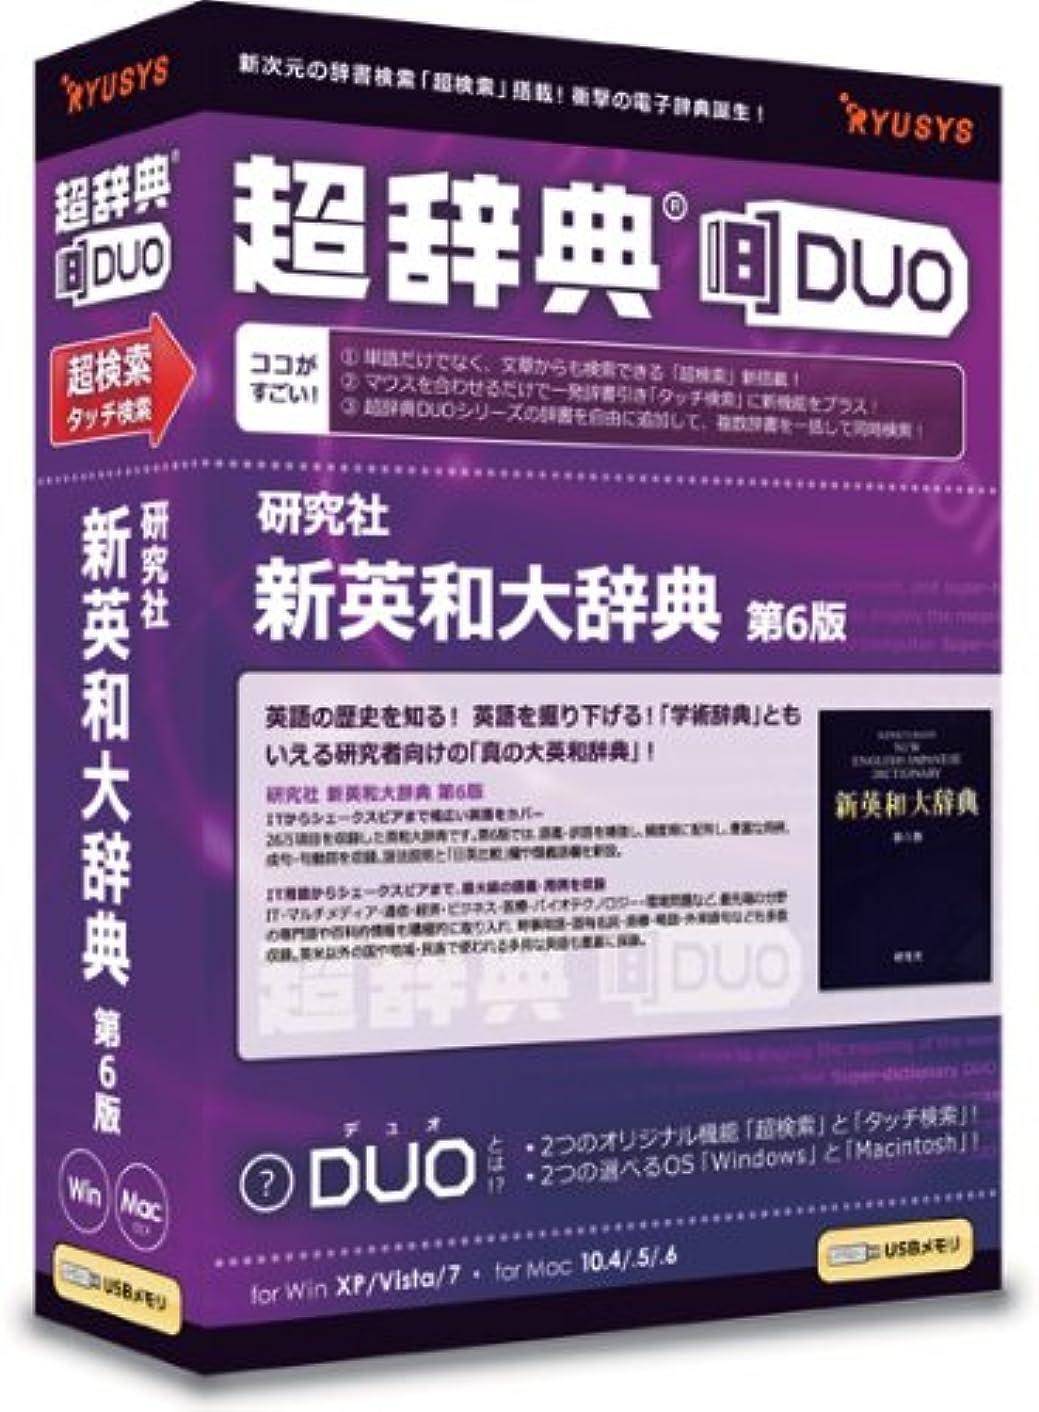 スキーそれ貢献超辞典DUO 研究社 新英和大辞典 第6版